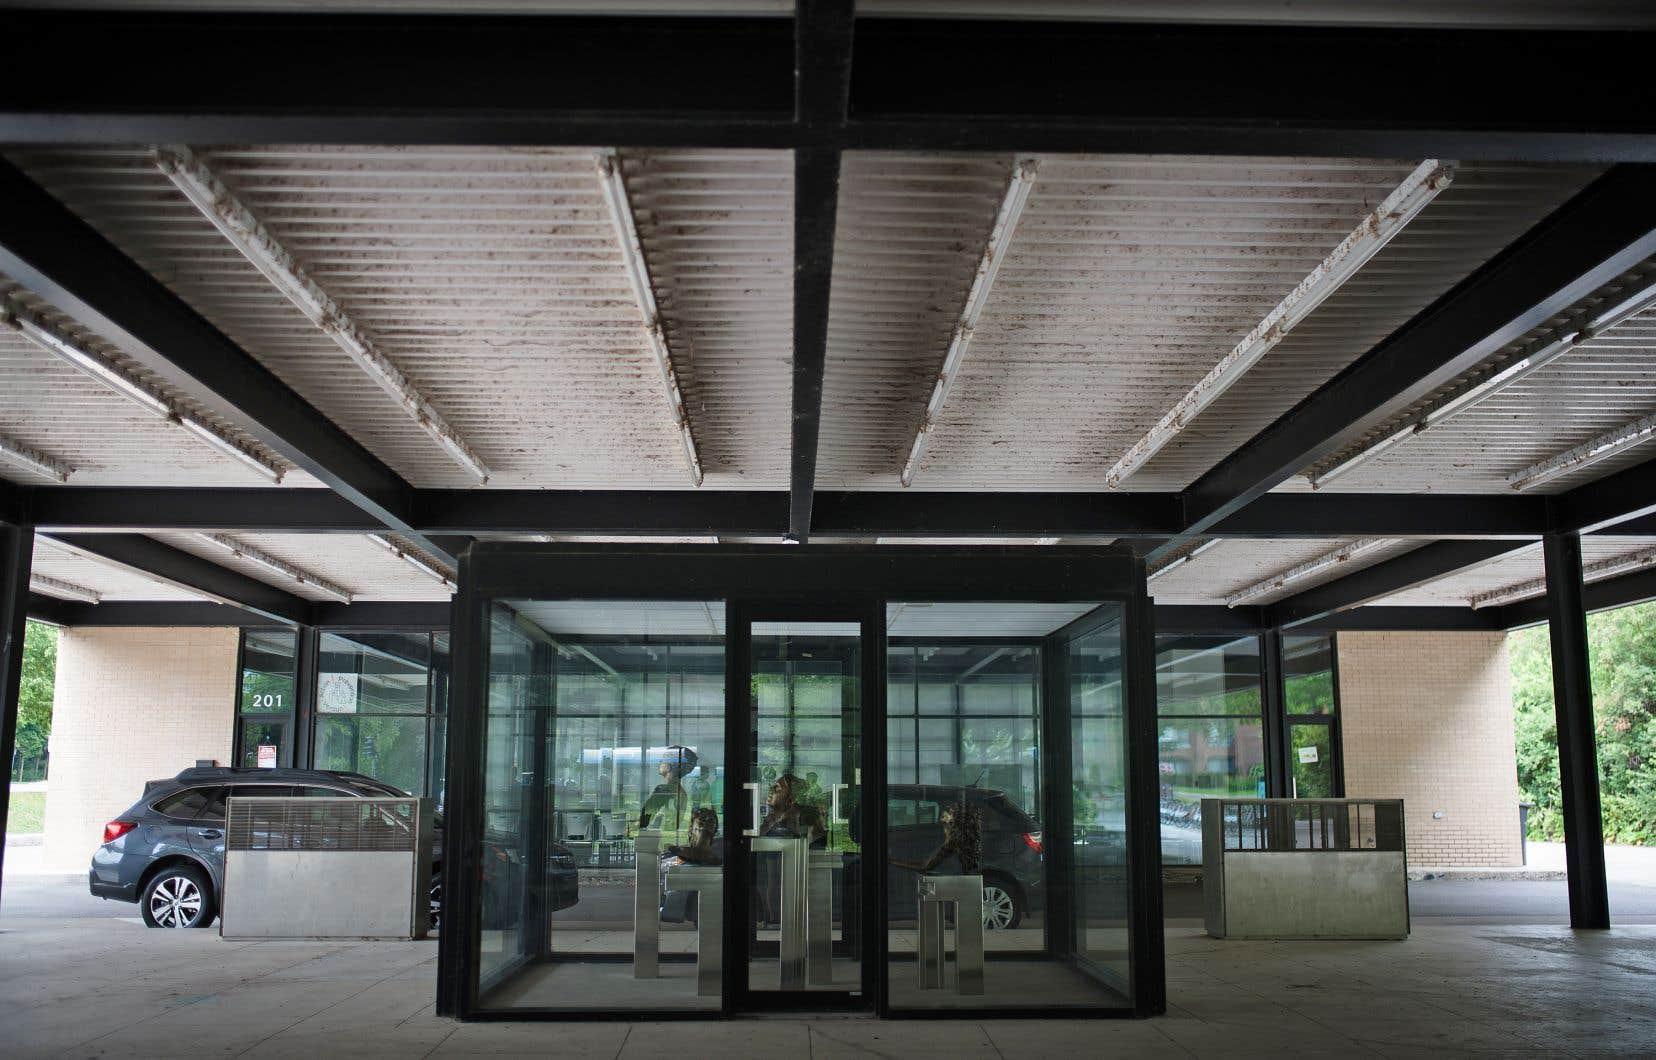 Bâtie en 1968, la station de la rue Berlioz se démarque par son toit flottant qui relie les édicules occupés par le garage et par le bureau. Convertie en centre communautaire en 2012, elle a été débarrassée des éléments propres à une station-service pour faire ressortir ses «qualités profondément miessiennes».